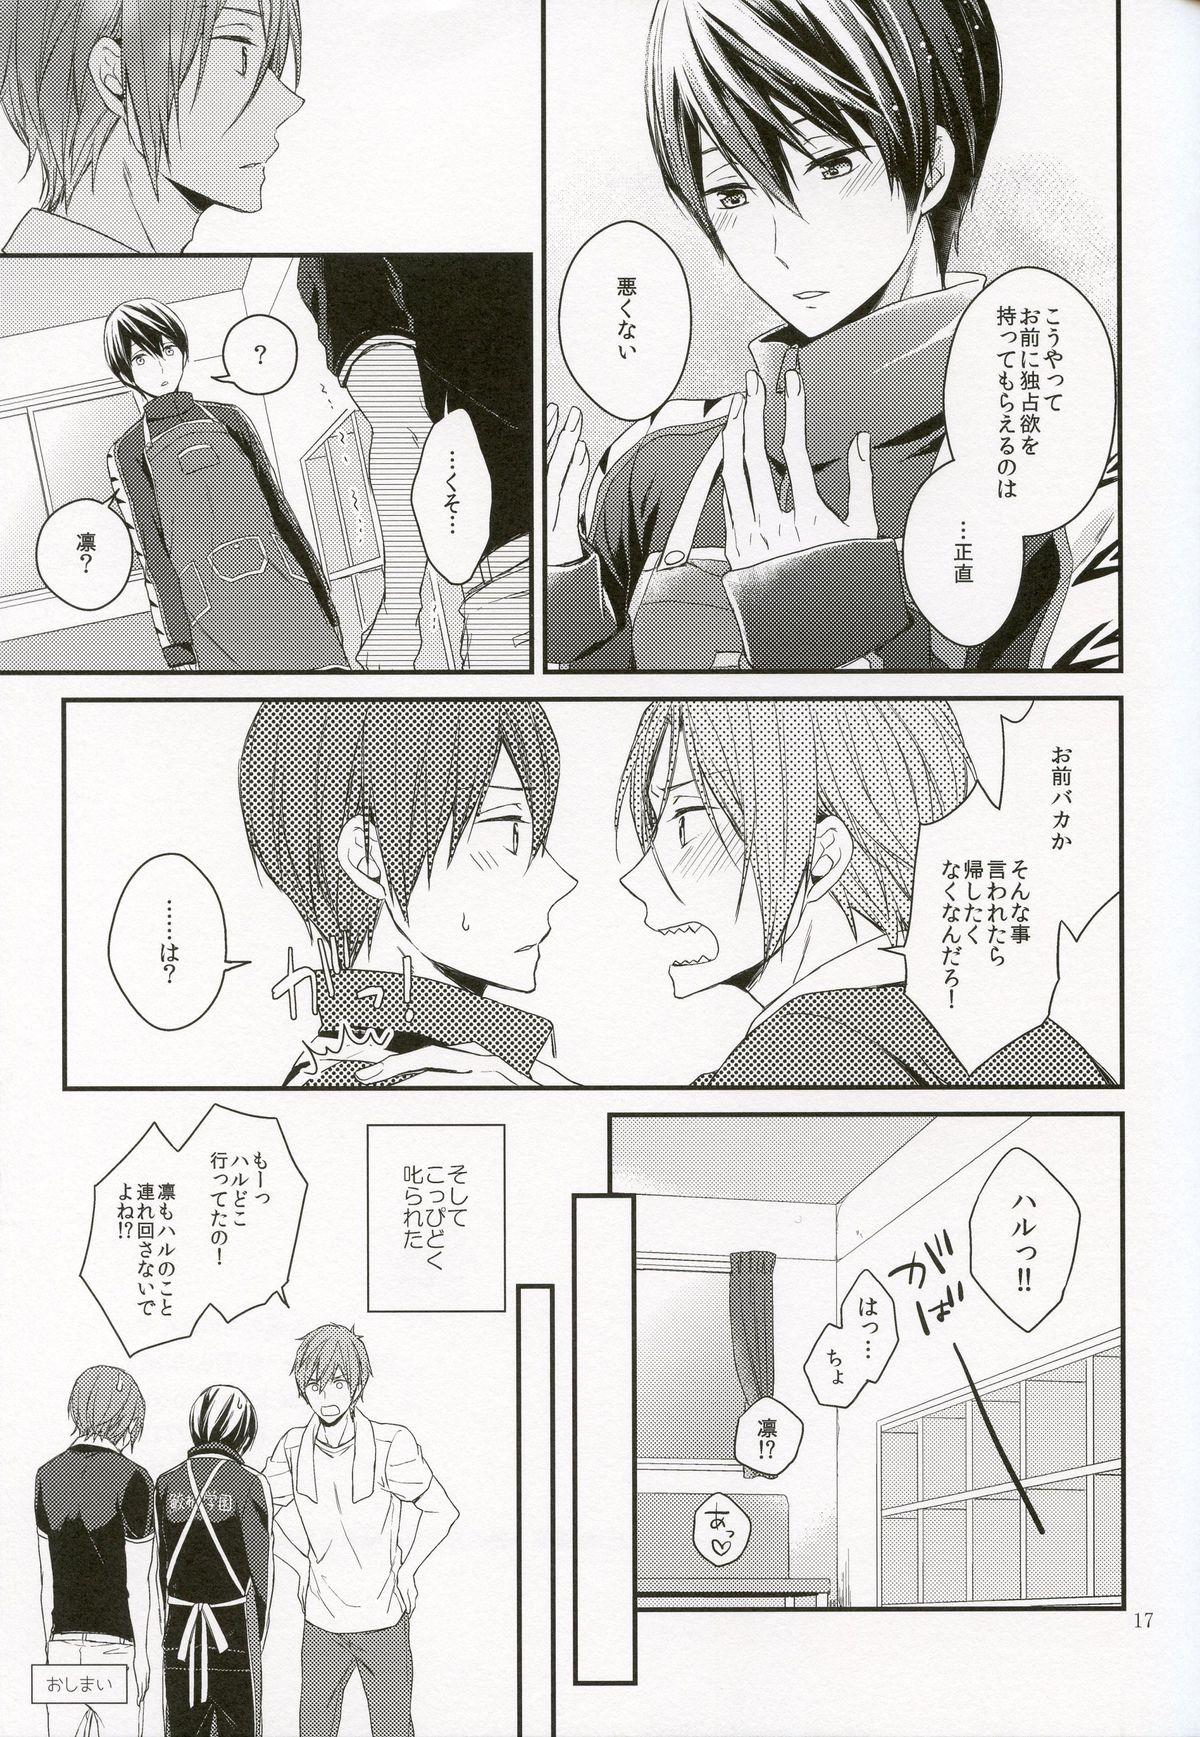 Koitsu, Ore no Mono nan de. 15